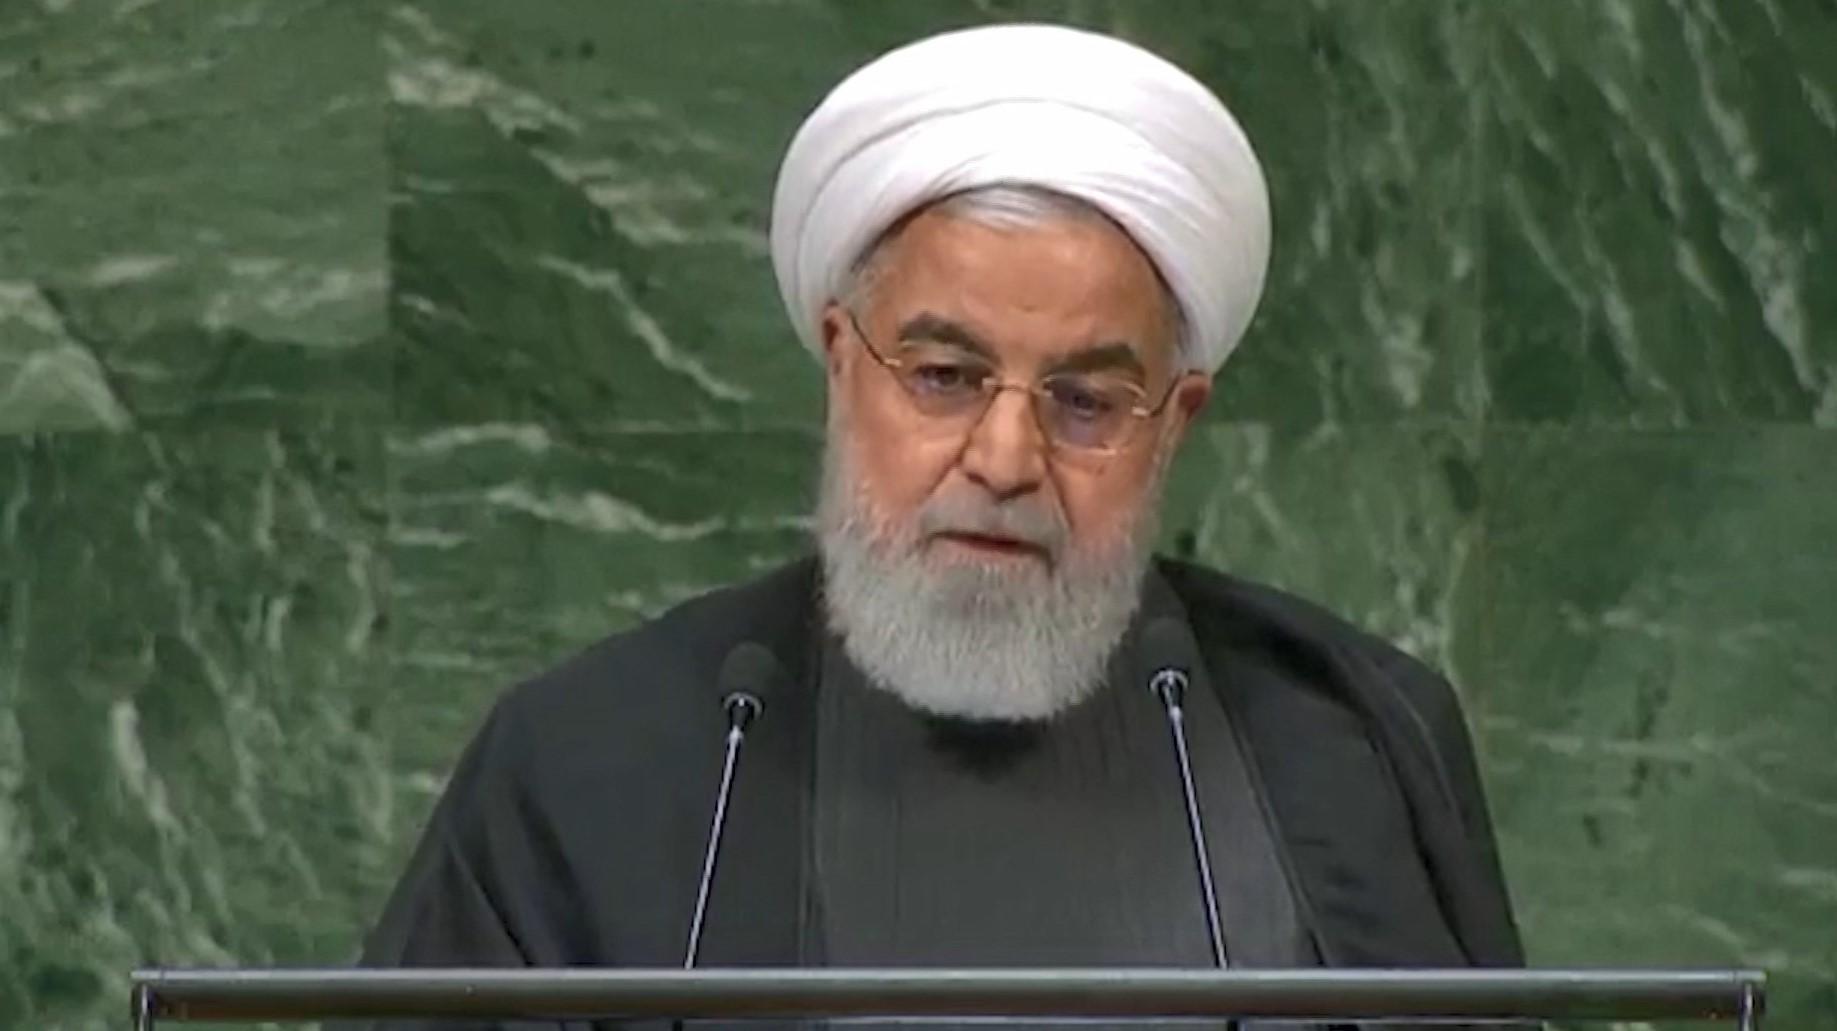 Një forcë sigurie për të qenë në gatishmëri në zonën e Gjirit Persik